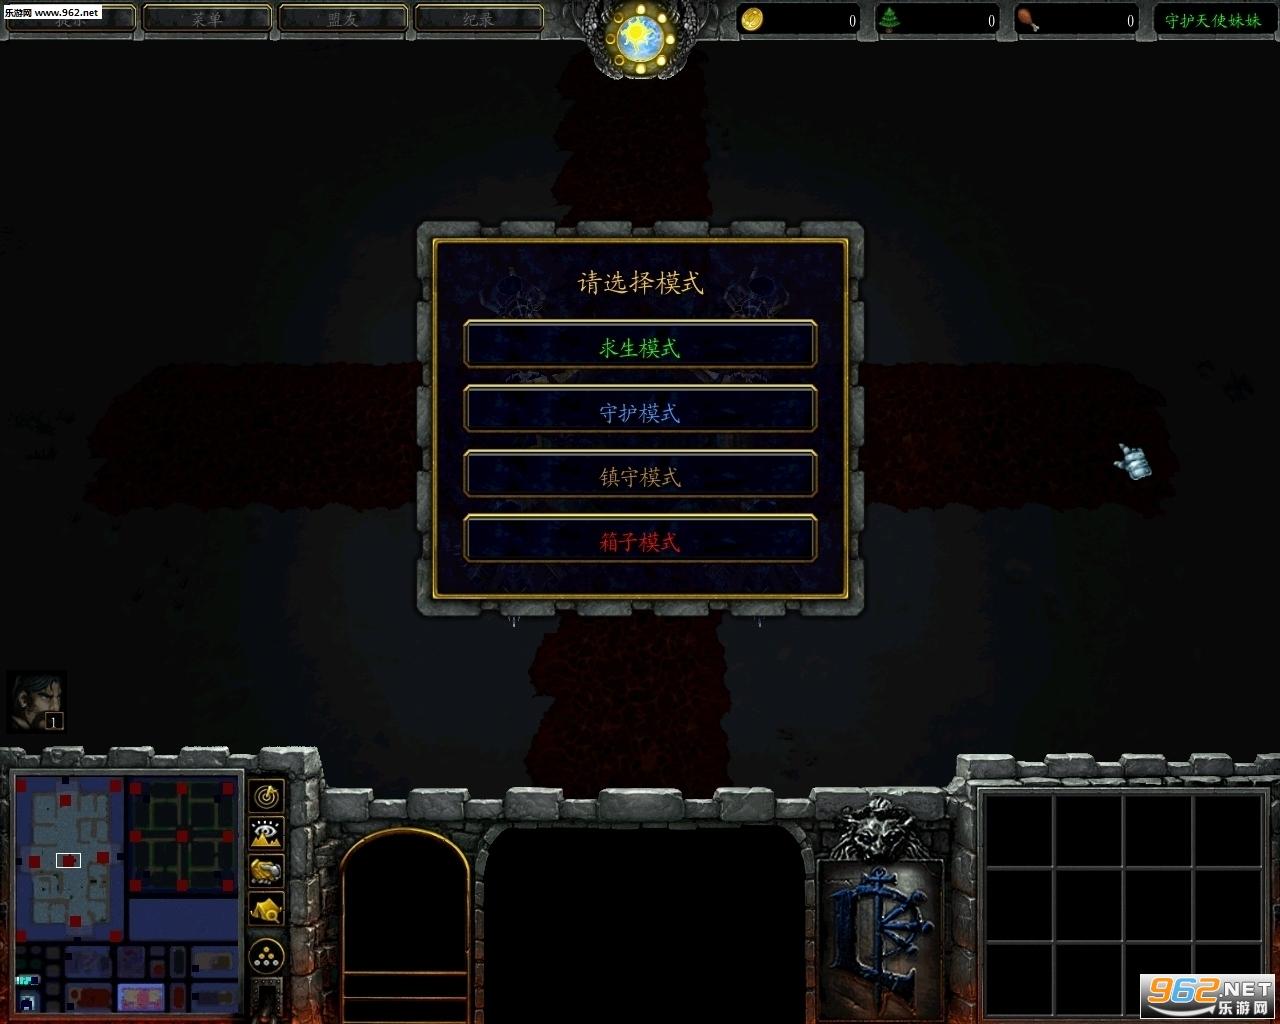 游戏密码妹妹Lv35正式版(含天使/通关视频)古墓丽影解说怎么隐藏攻略守护视频图片